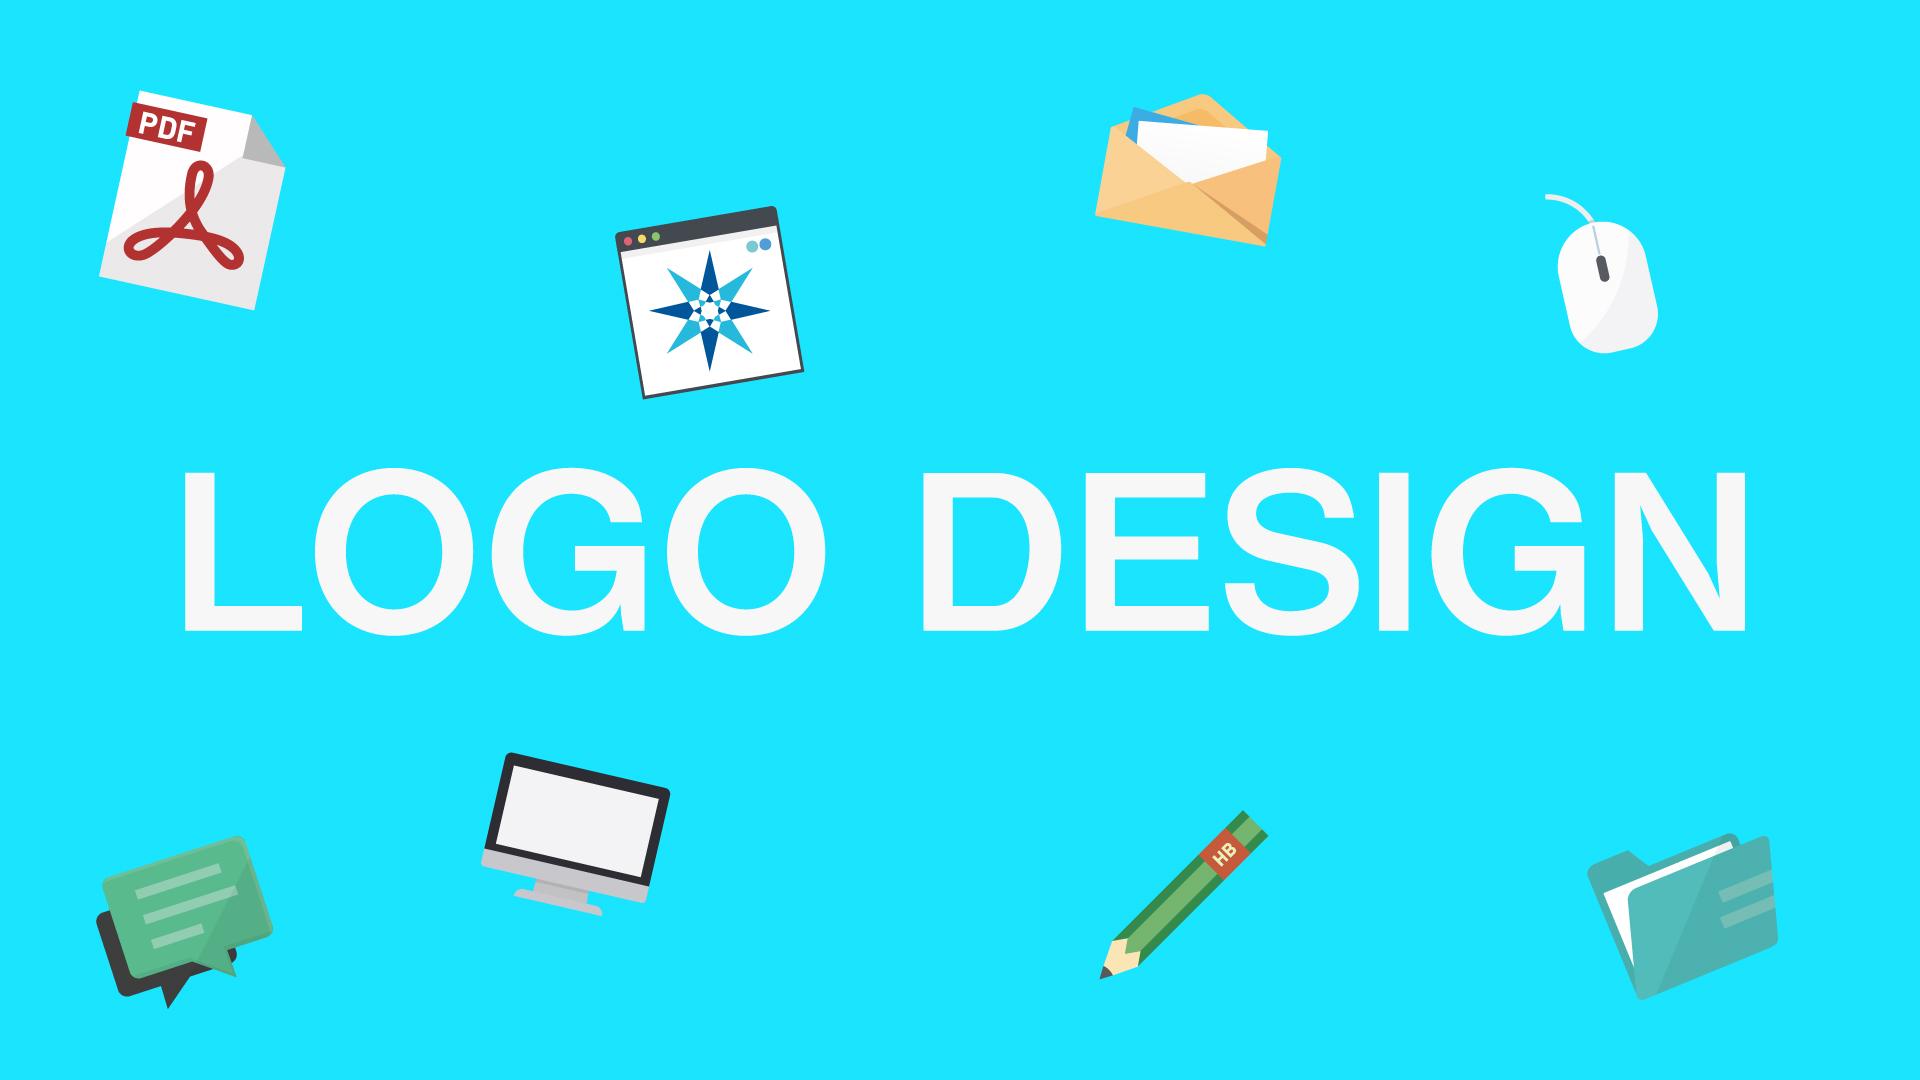 【詳しく解説】グラフィックデザイナーが教える!デザイン制作の発注から納品まで | ビジネス部デザイン課